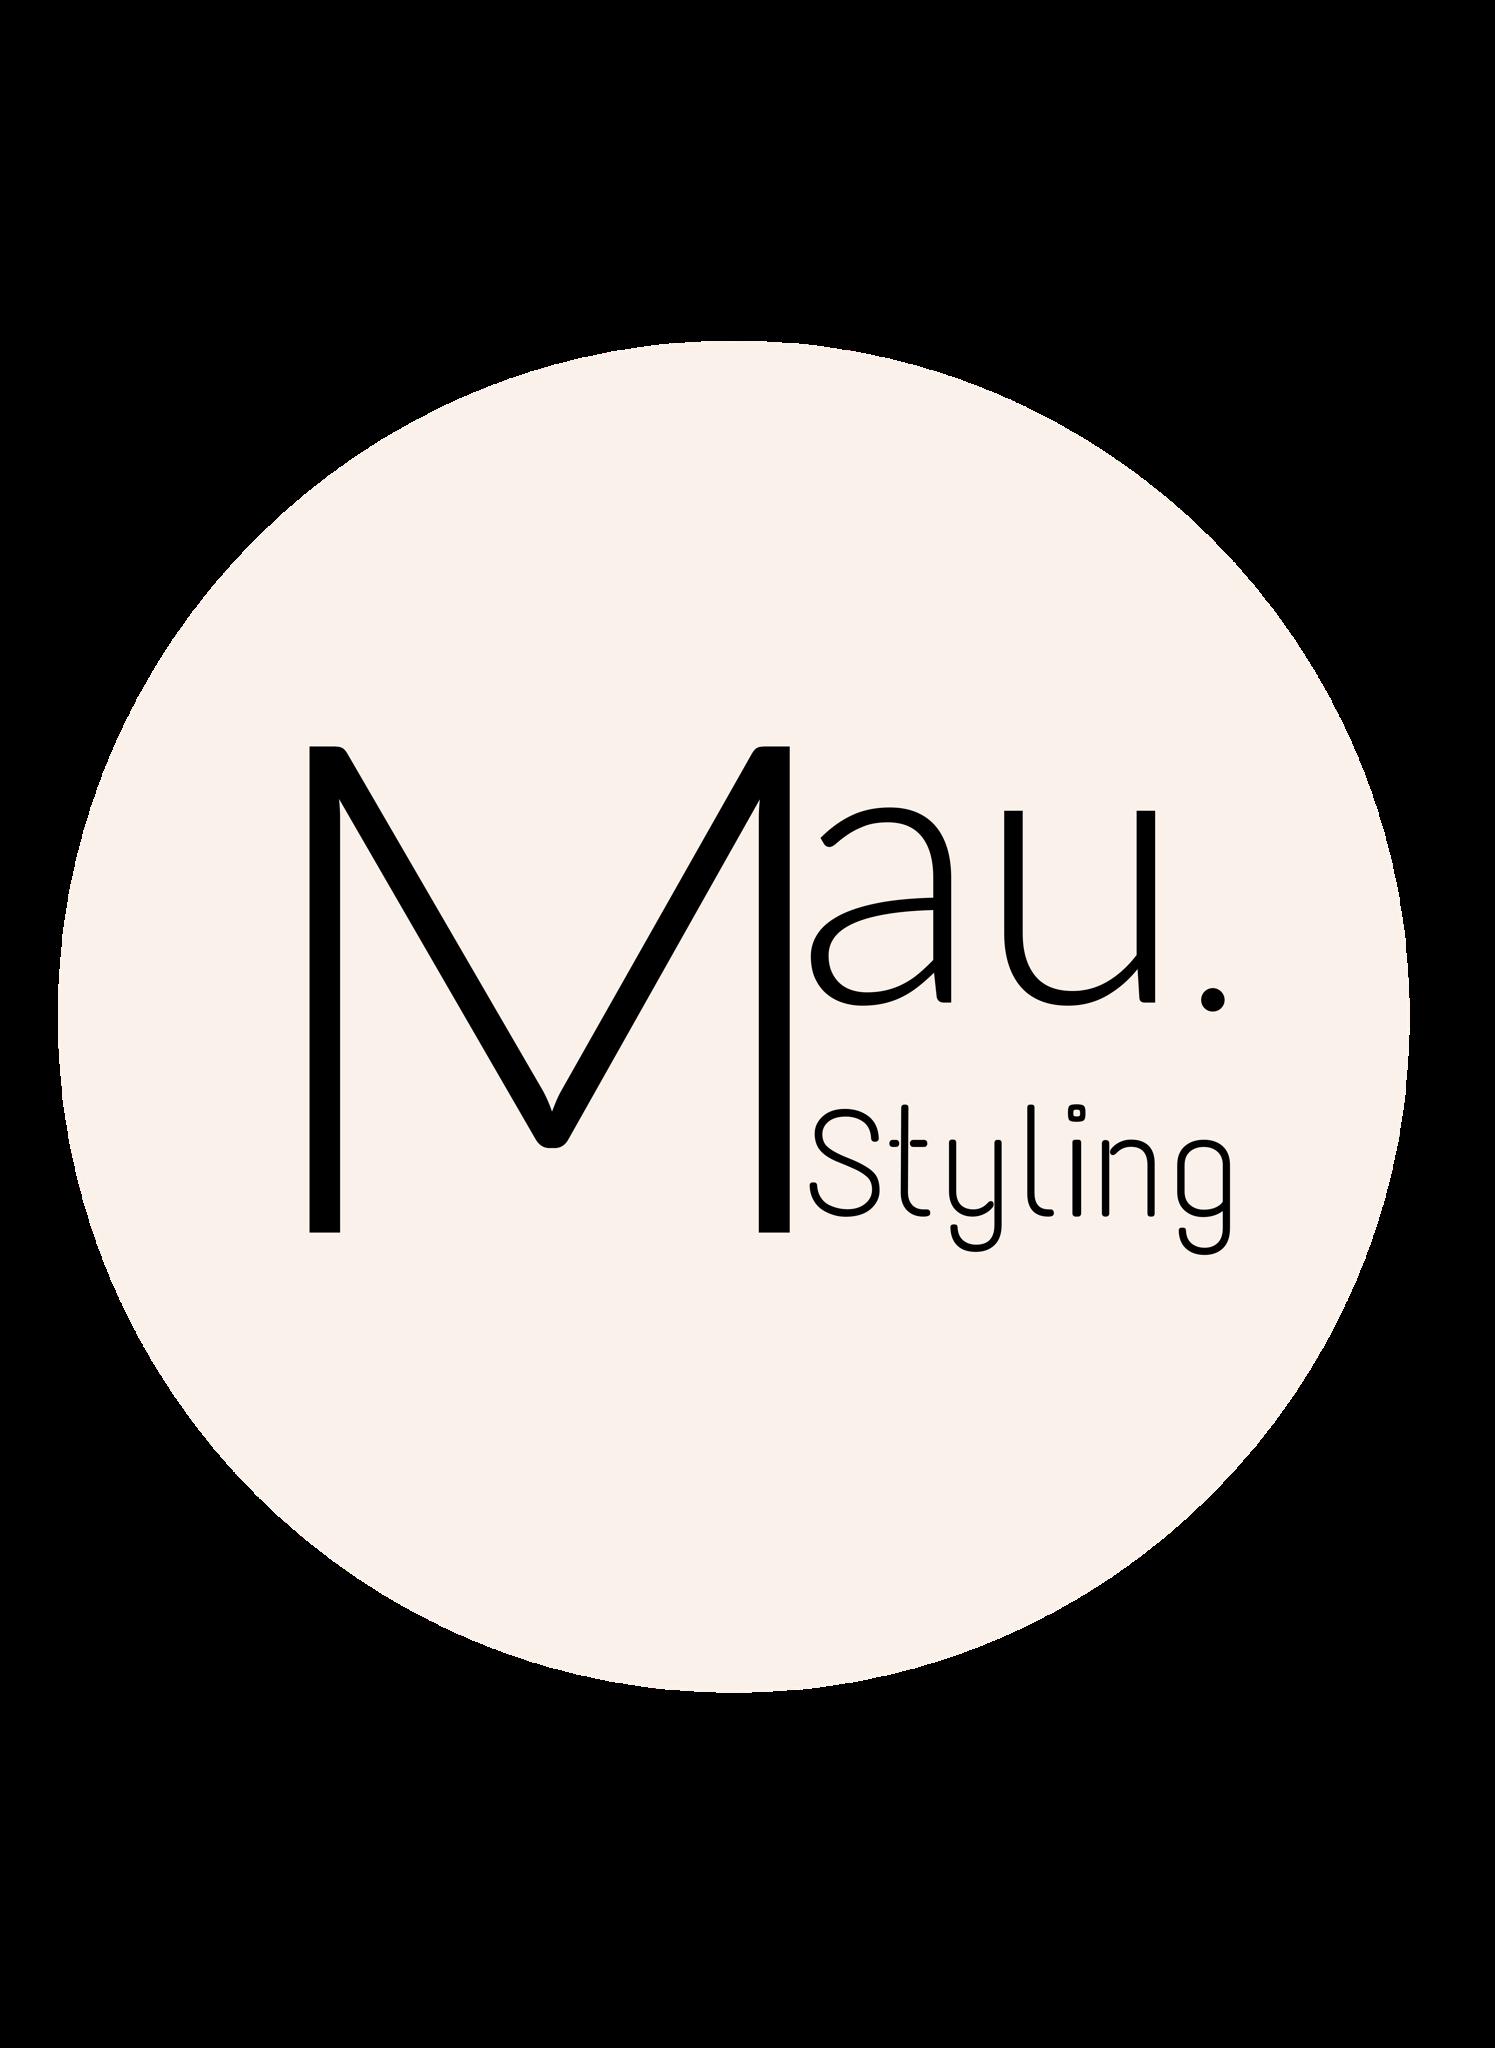 Maustyling